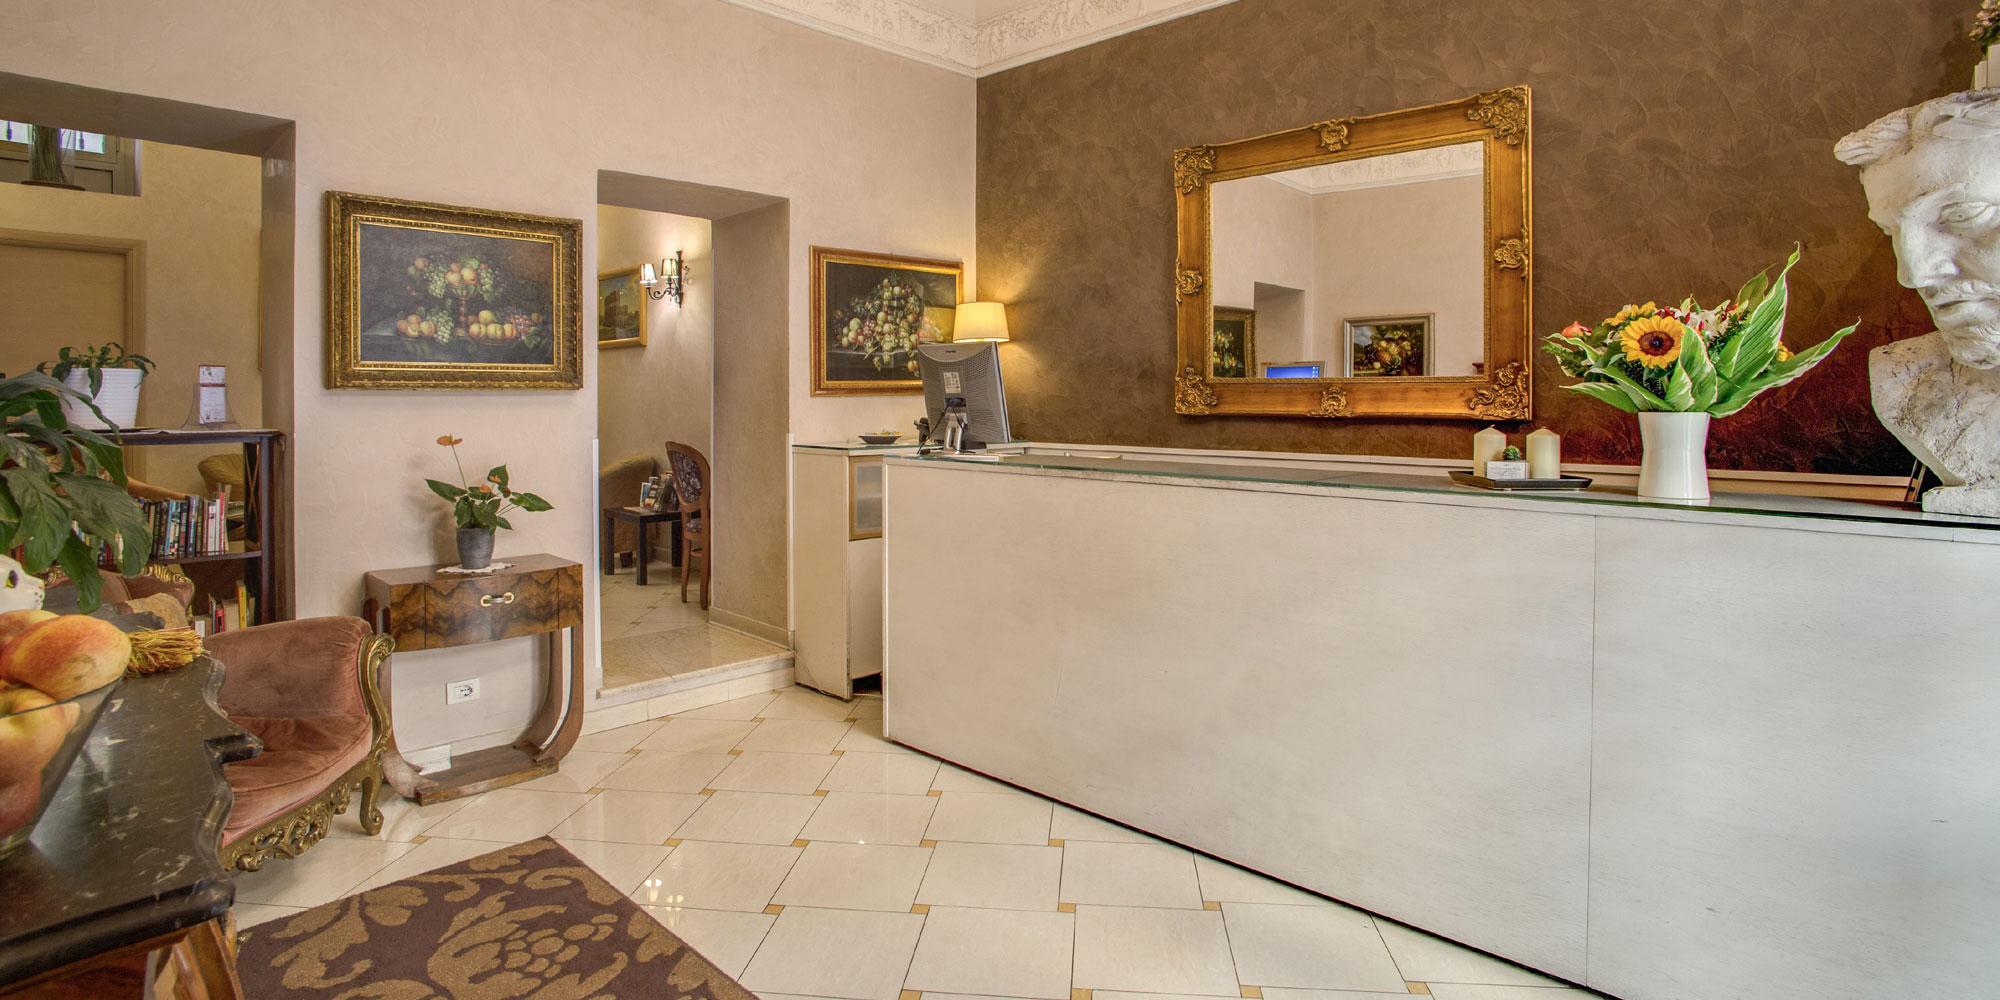 Hotel caravaggio rome reception for Hotel roma rome